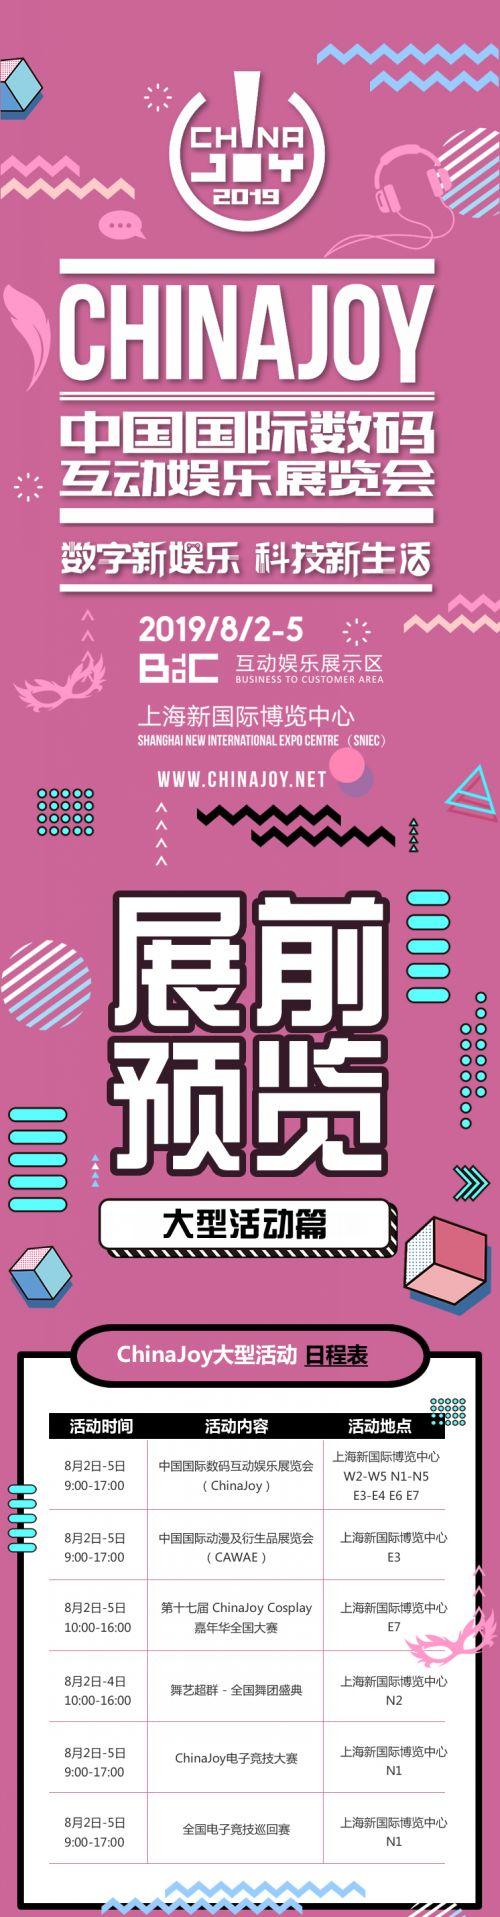 2019年第十七届ChinaJoy展前预览(大型活动篇)正式发布!